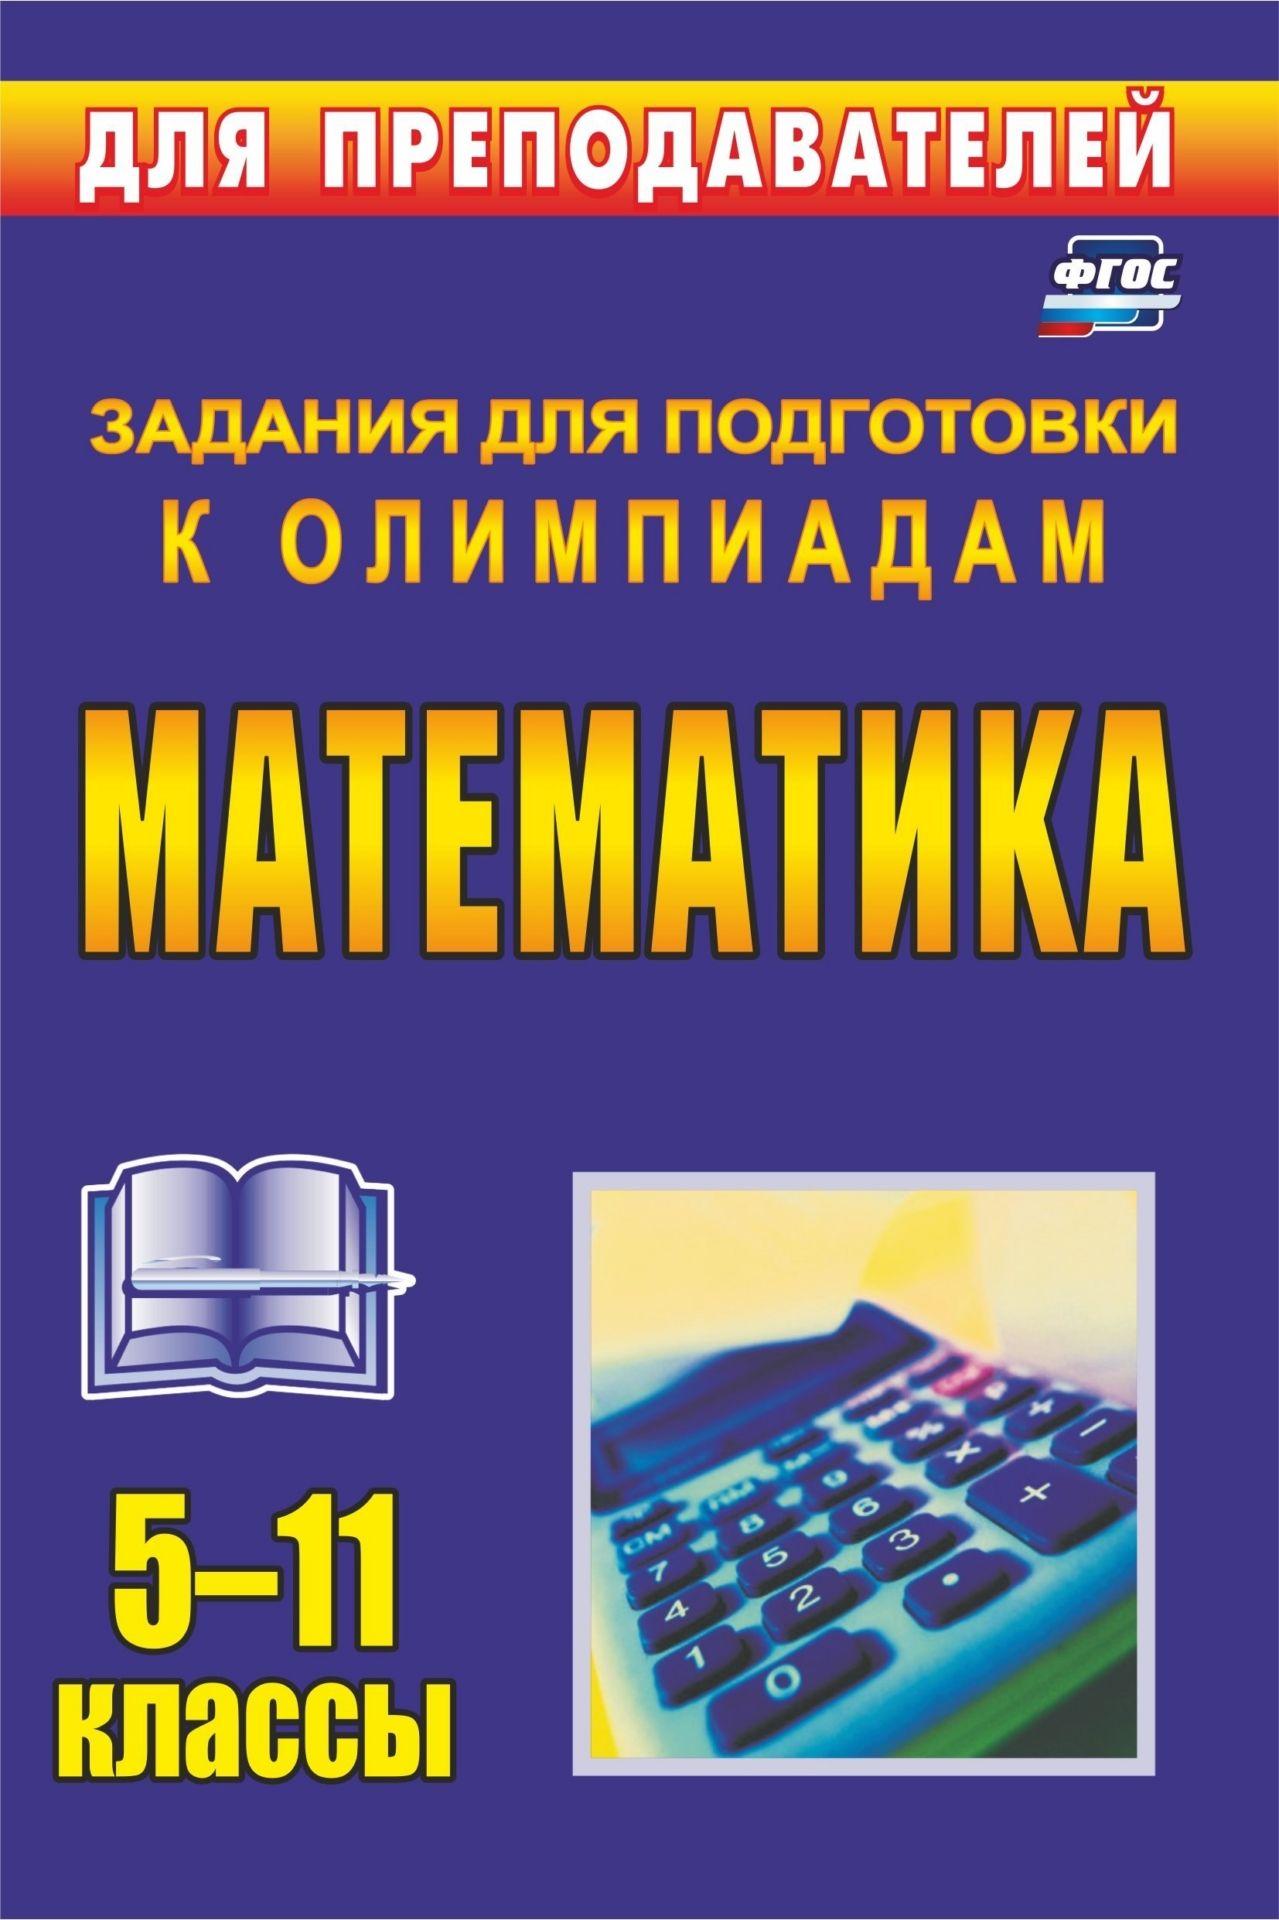 Олимпиадные задания по математике. 5-11 классы. Программа для установки через ИнтернетОлимпиадные задания<br>В данное пособие включены задания, которые могут быть использованы для проведения олимпиад и математических конкурсов, способствующих развитию математического мышления, логики. Все задания снабжены ответами.Предлагаемая методика подготовки к участию в оли...<br><br>Авторы: Безрукова О. Л.<br>Год: 2017<br>Серия: Для преподавателей